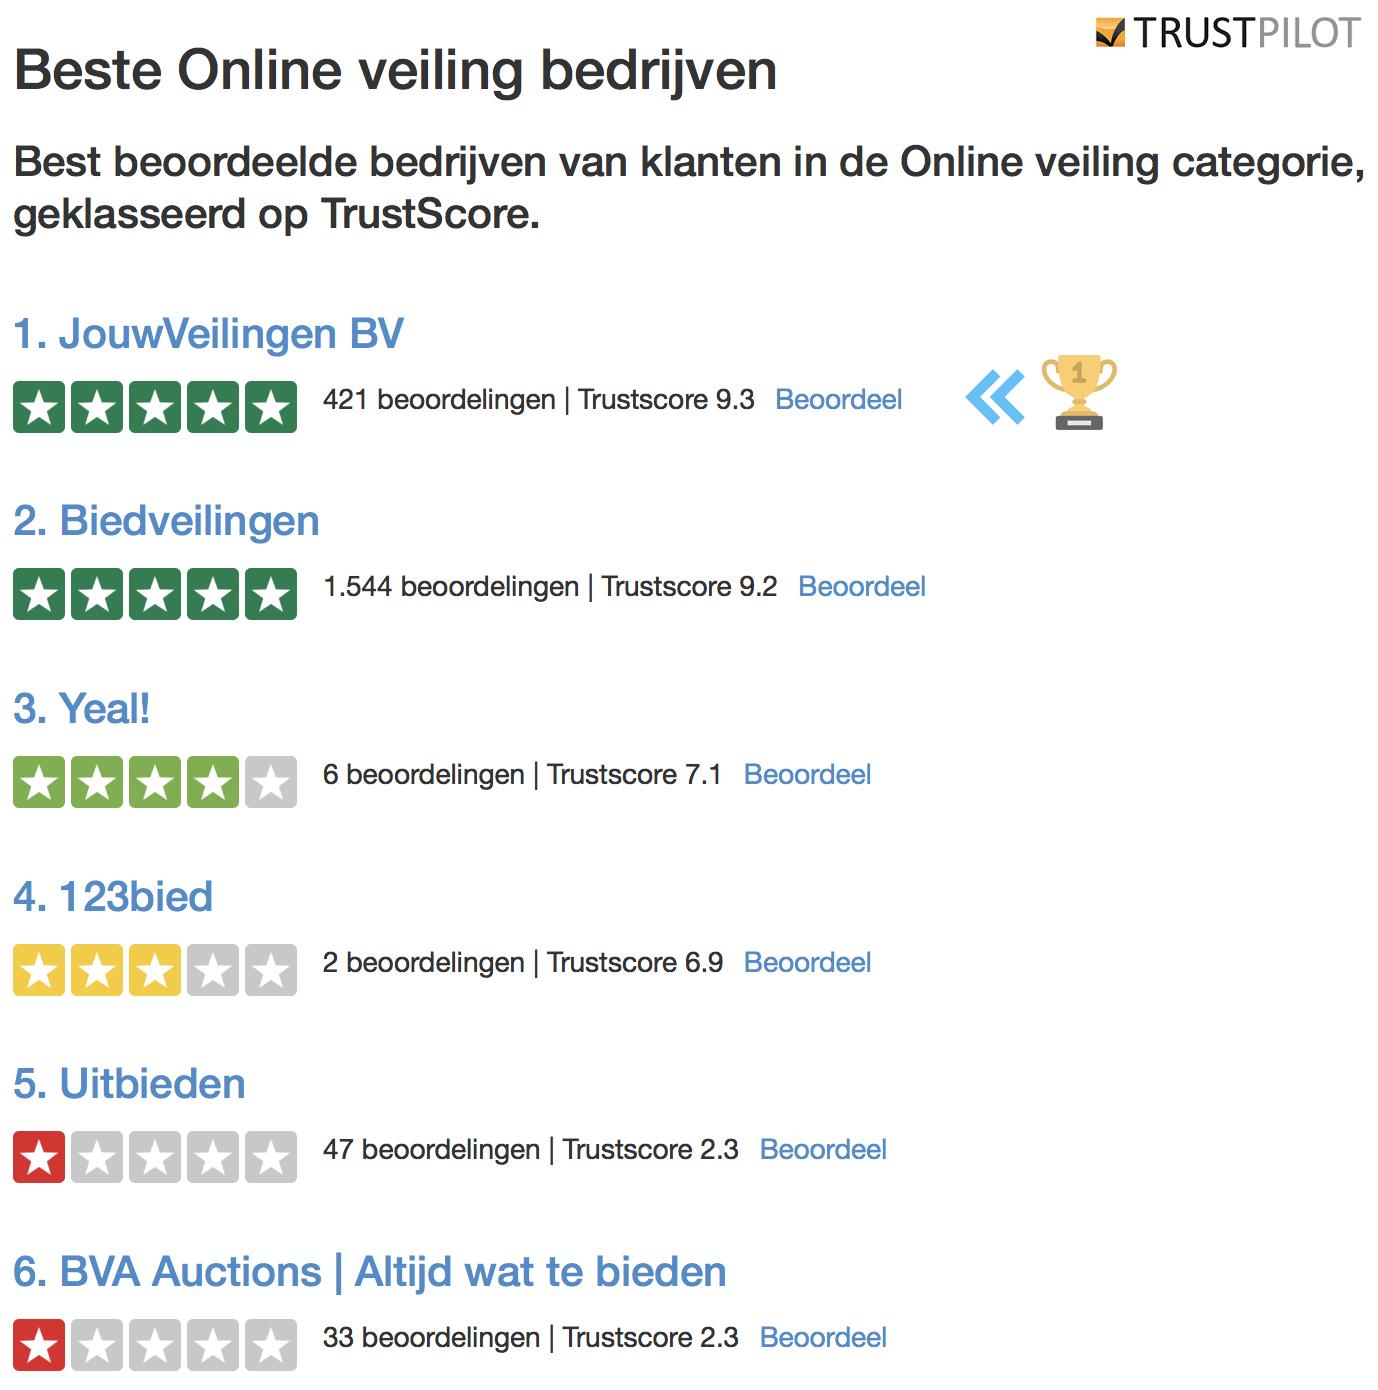 Beste online veiling website